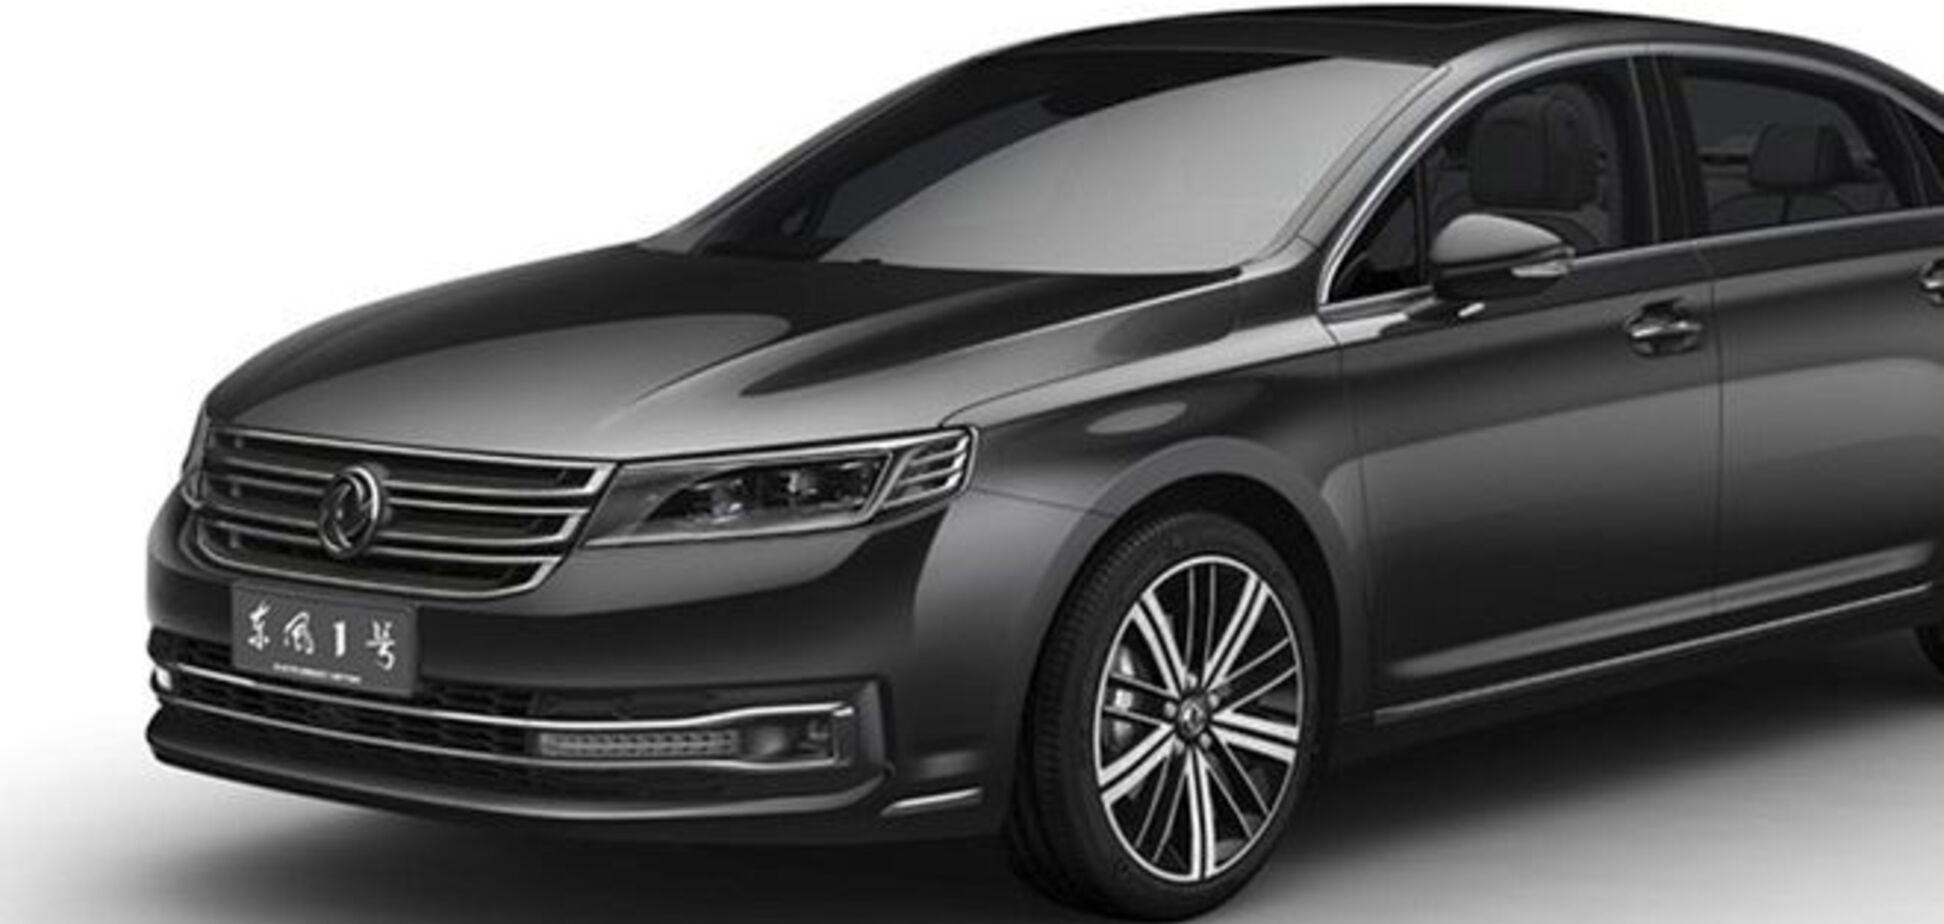 Китайці 'схрестили' Audi і Volkswagen: фотофакт